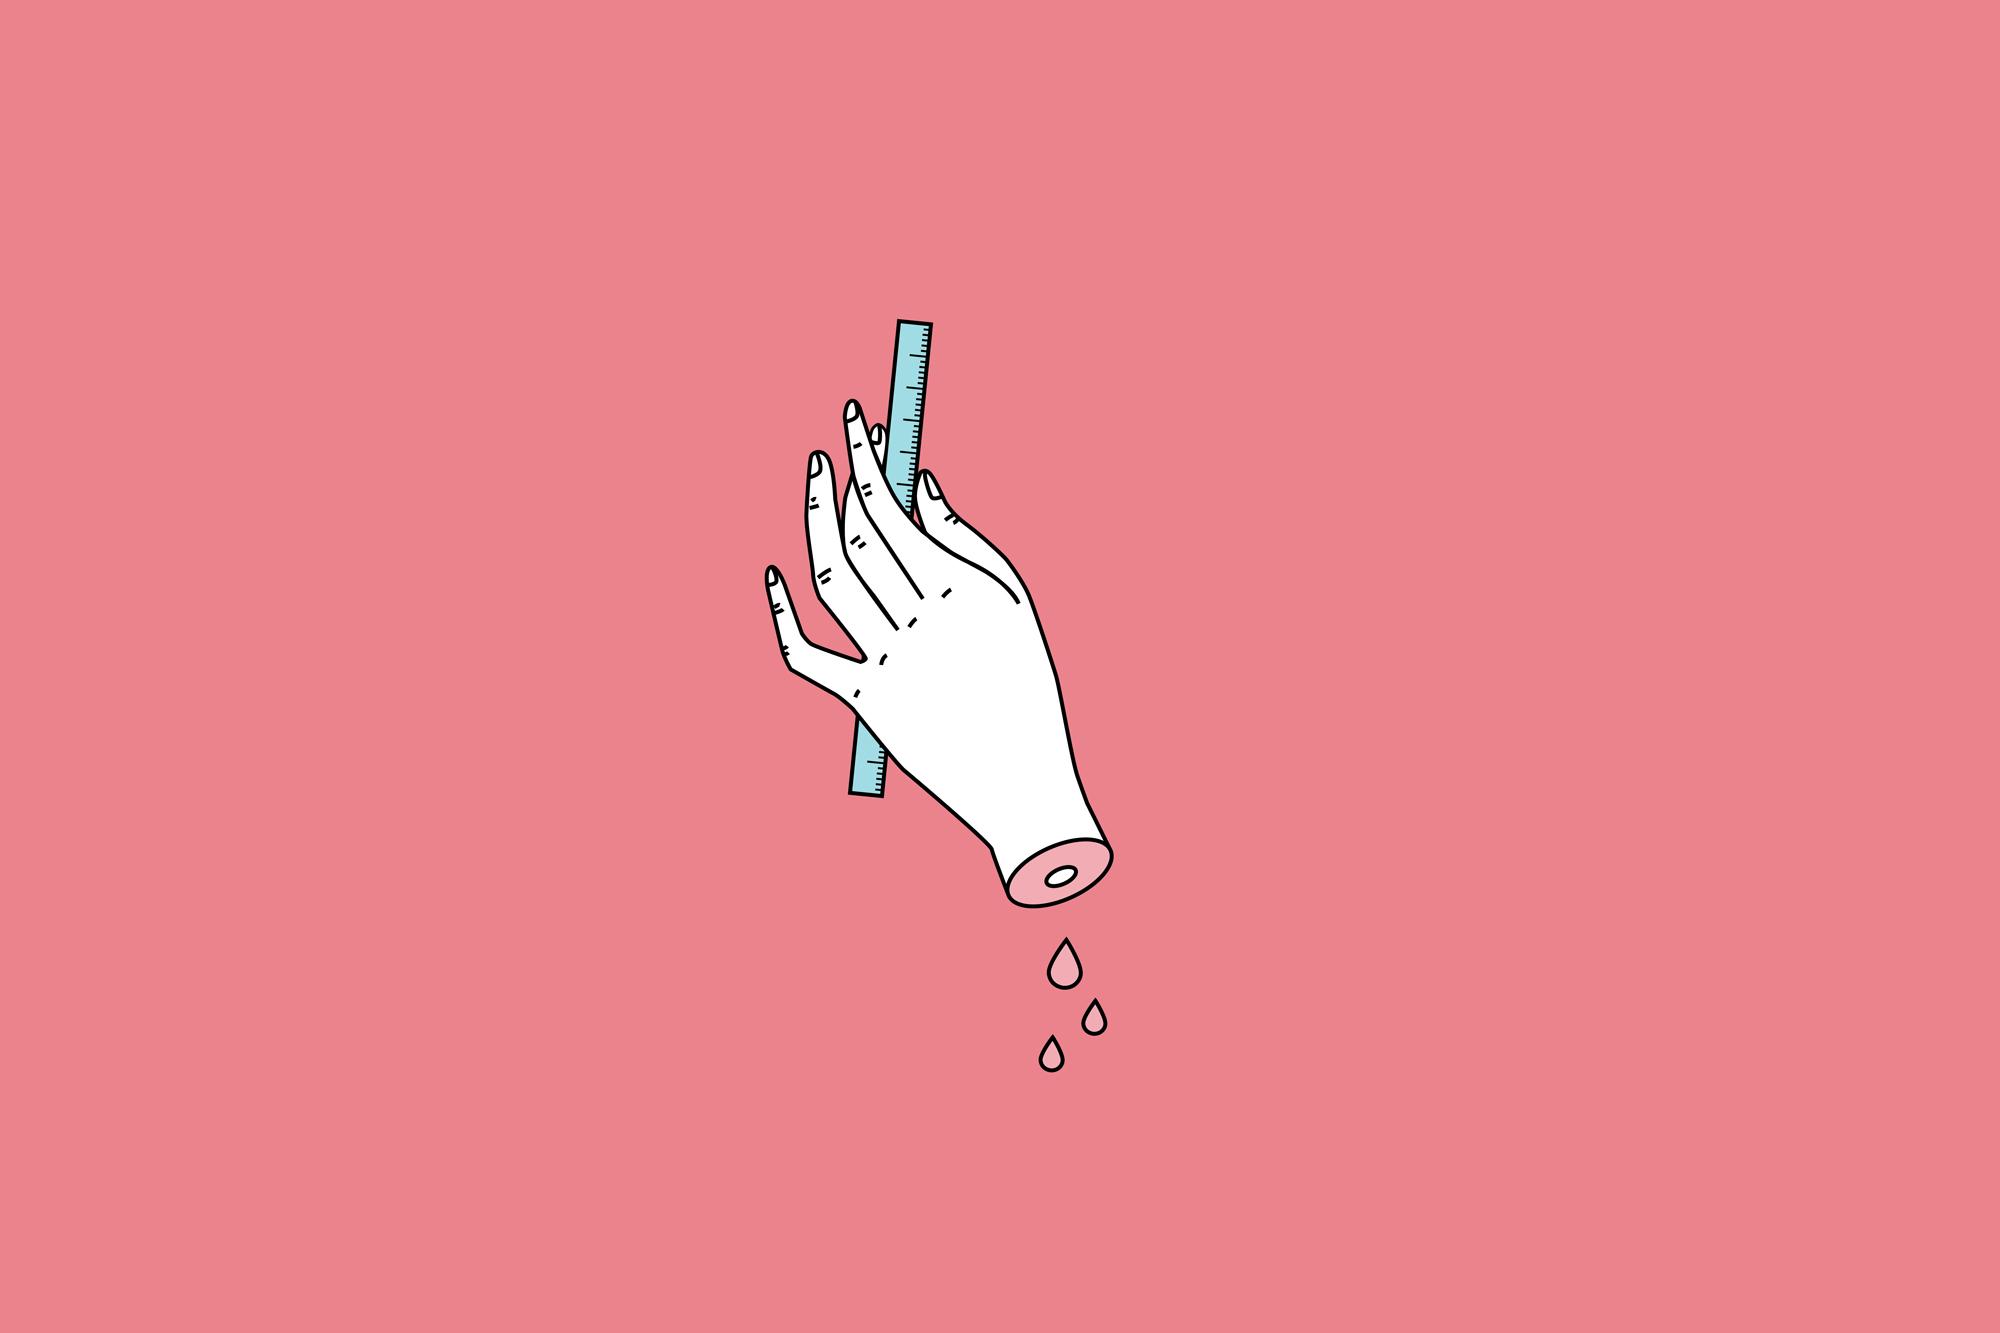 Design-hands_rec.jpg